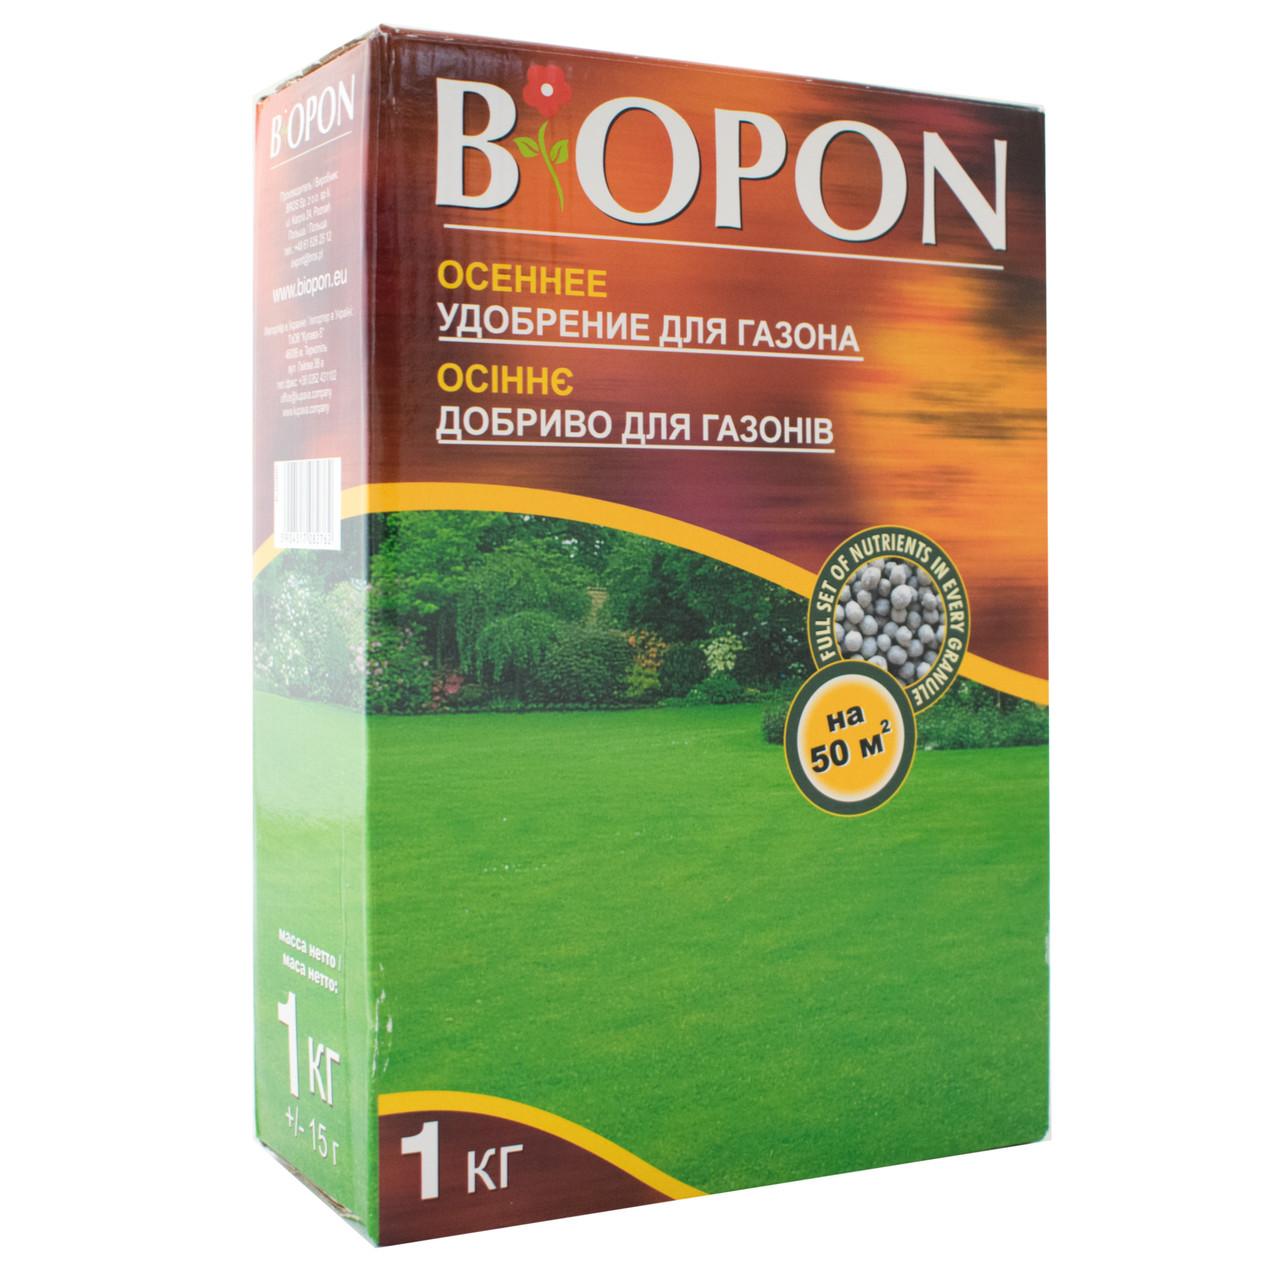 Удобрение Biopon осеннее для газона 1 кг